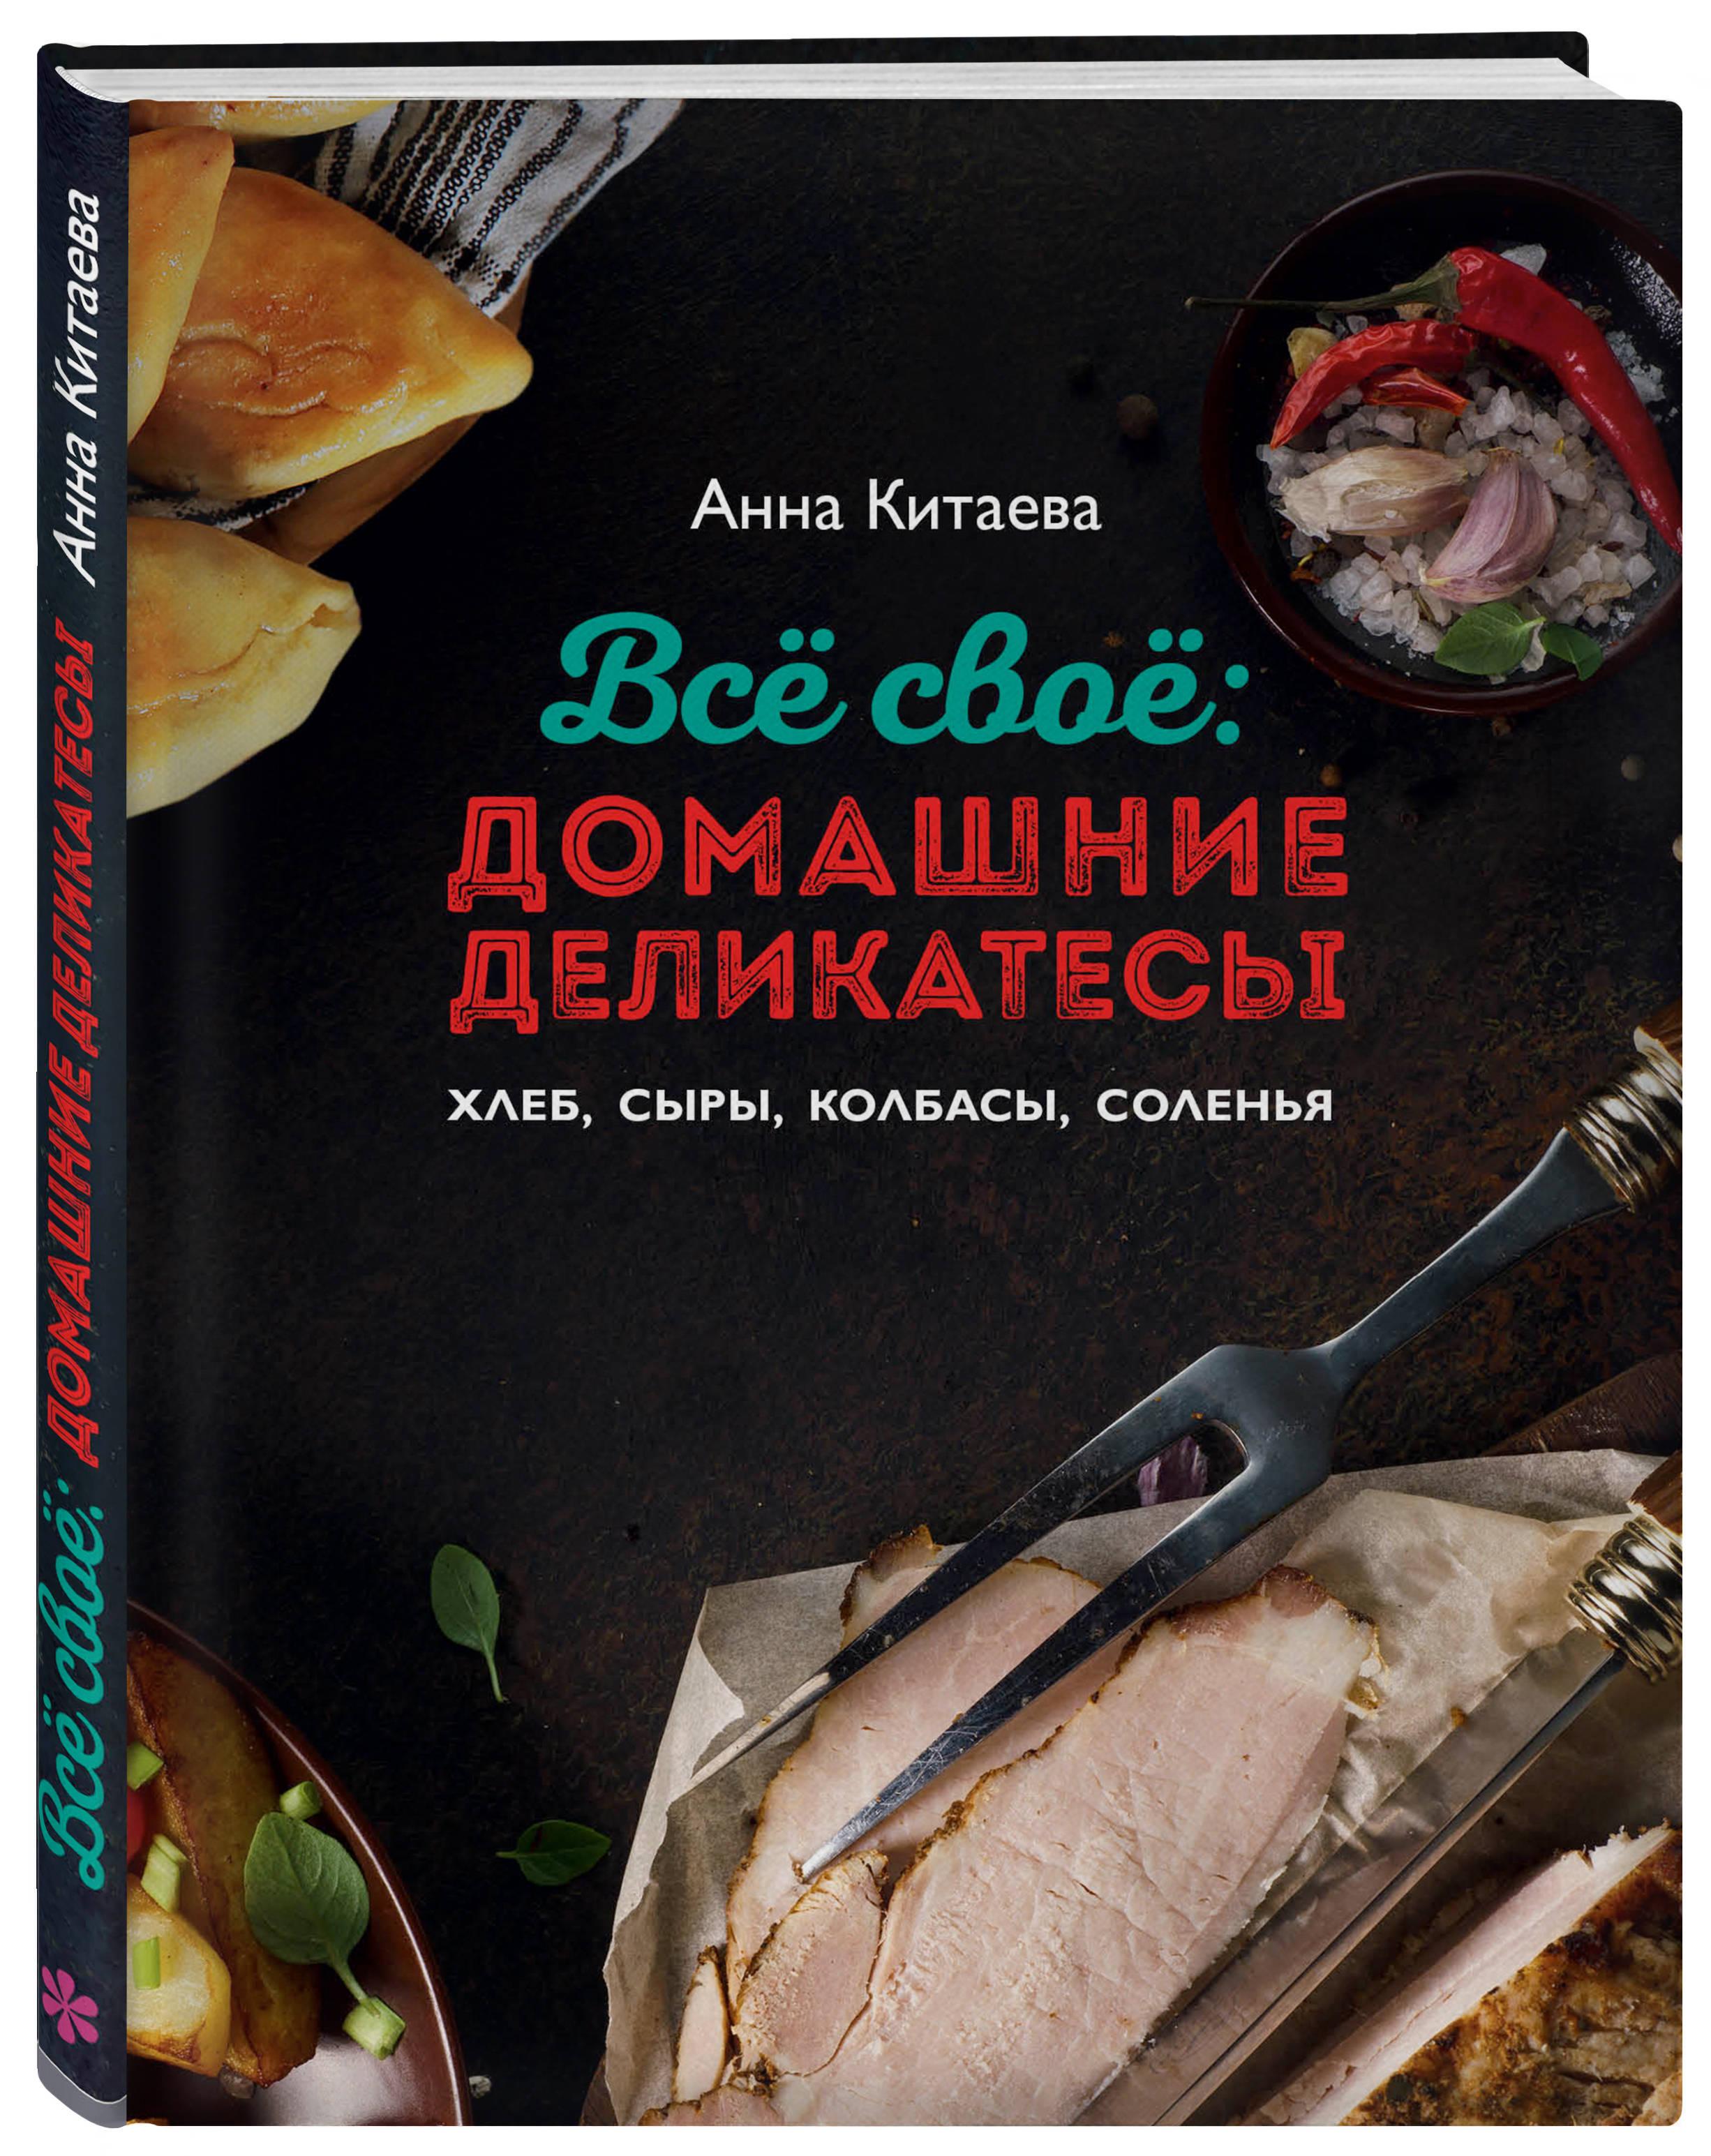 Анна Китаева Всё своё: домашние деликатесы. Хлеб, сыры, колбасы, соленья анна китаева я и моя пароварка